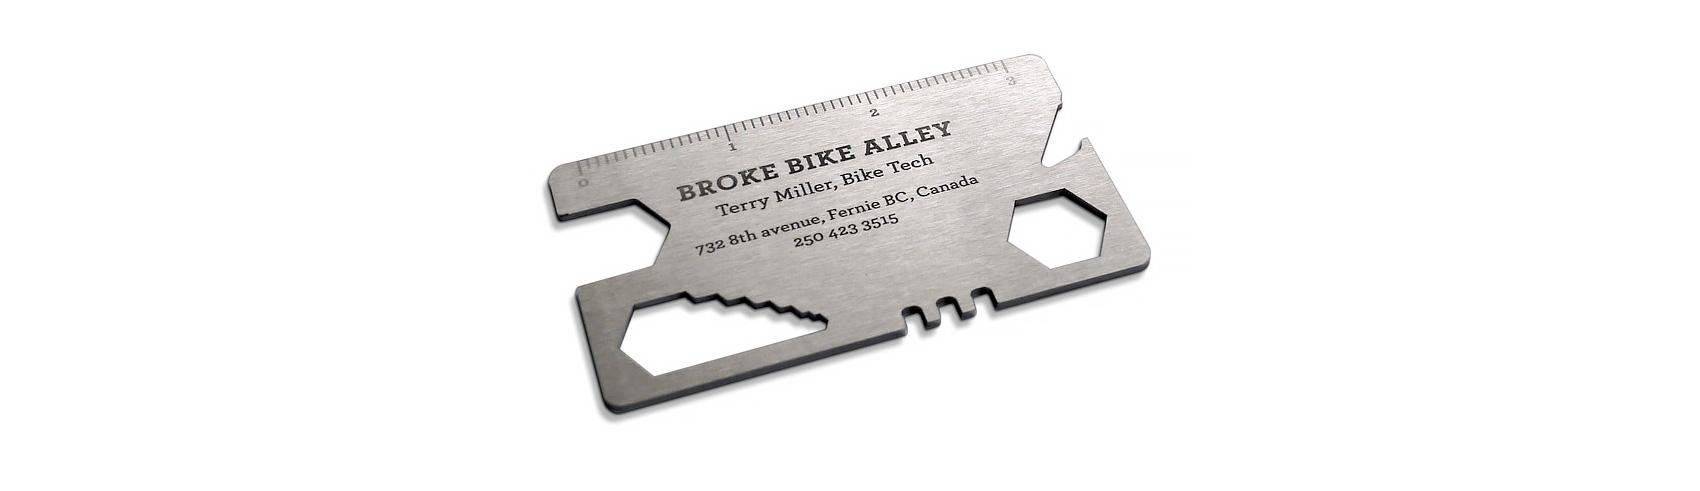 Broke Bike Alley Business Card